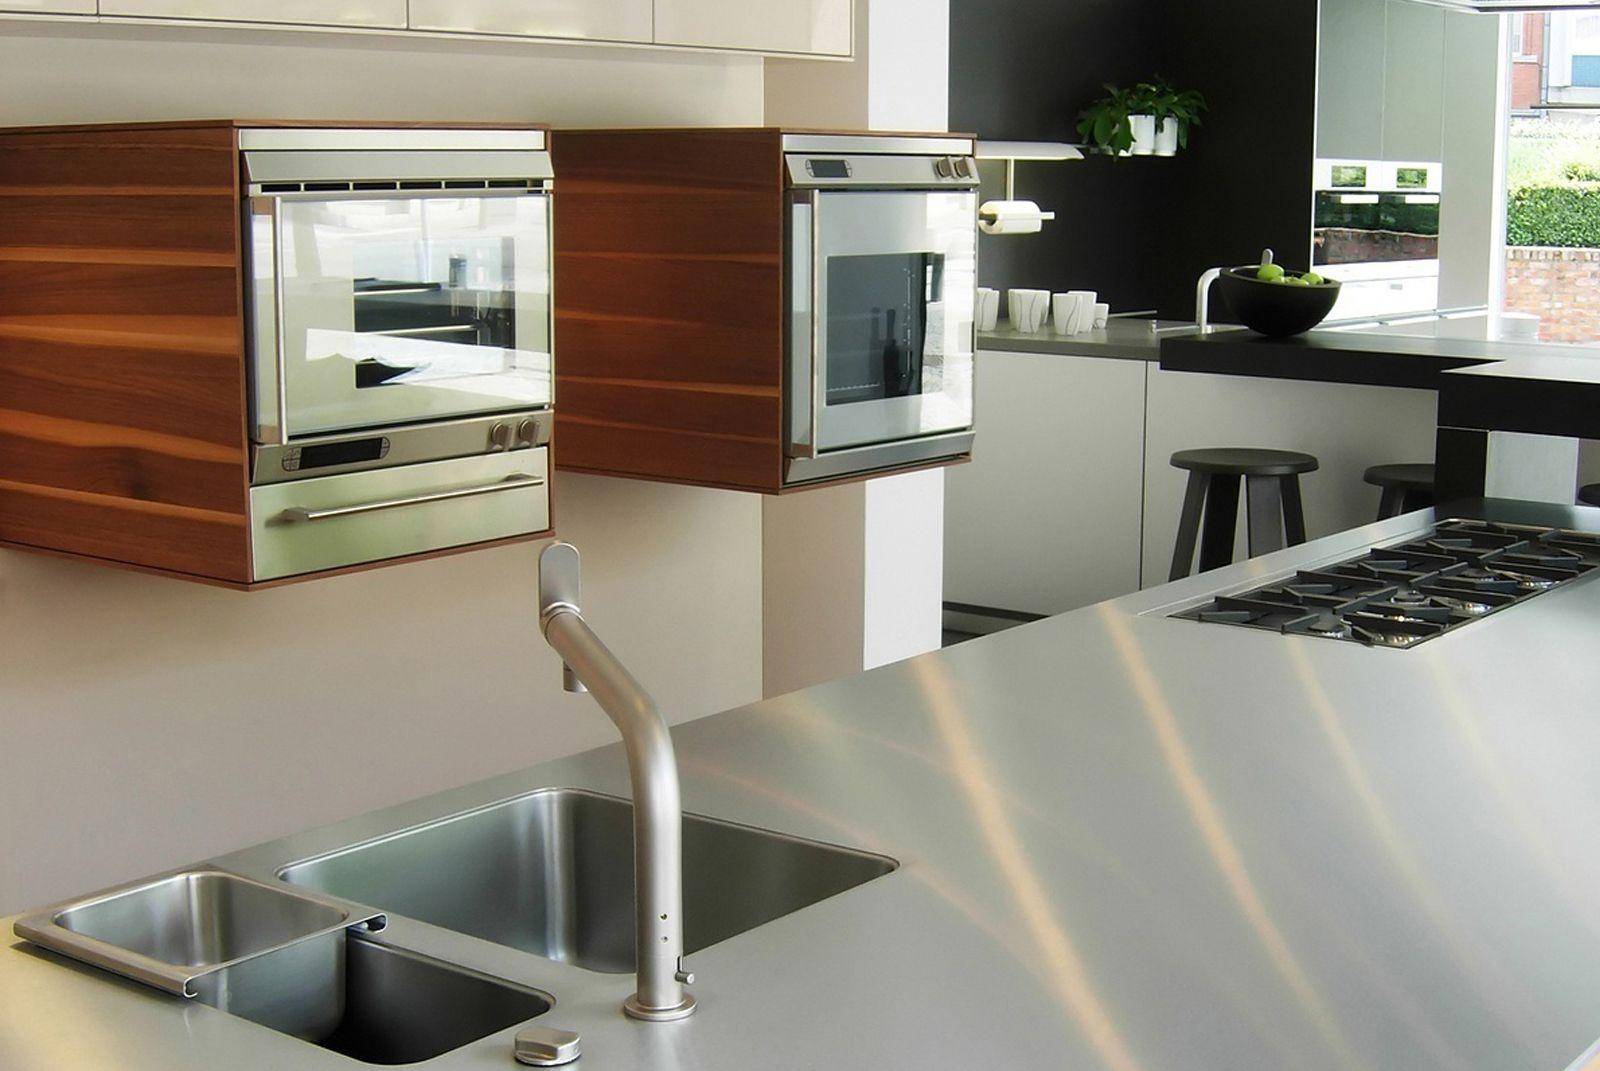 13 unique photos of european modern kitchen modern kitchen kitchen inspiration modern on kitchen ideas european id=38753